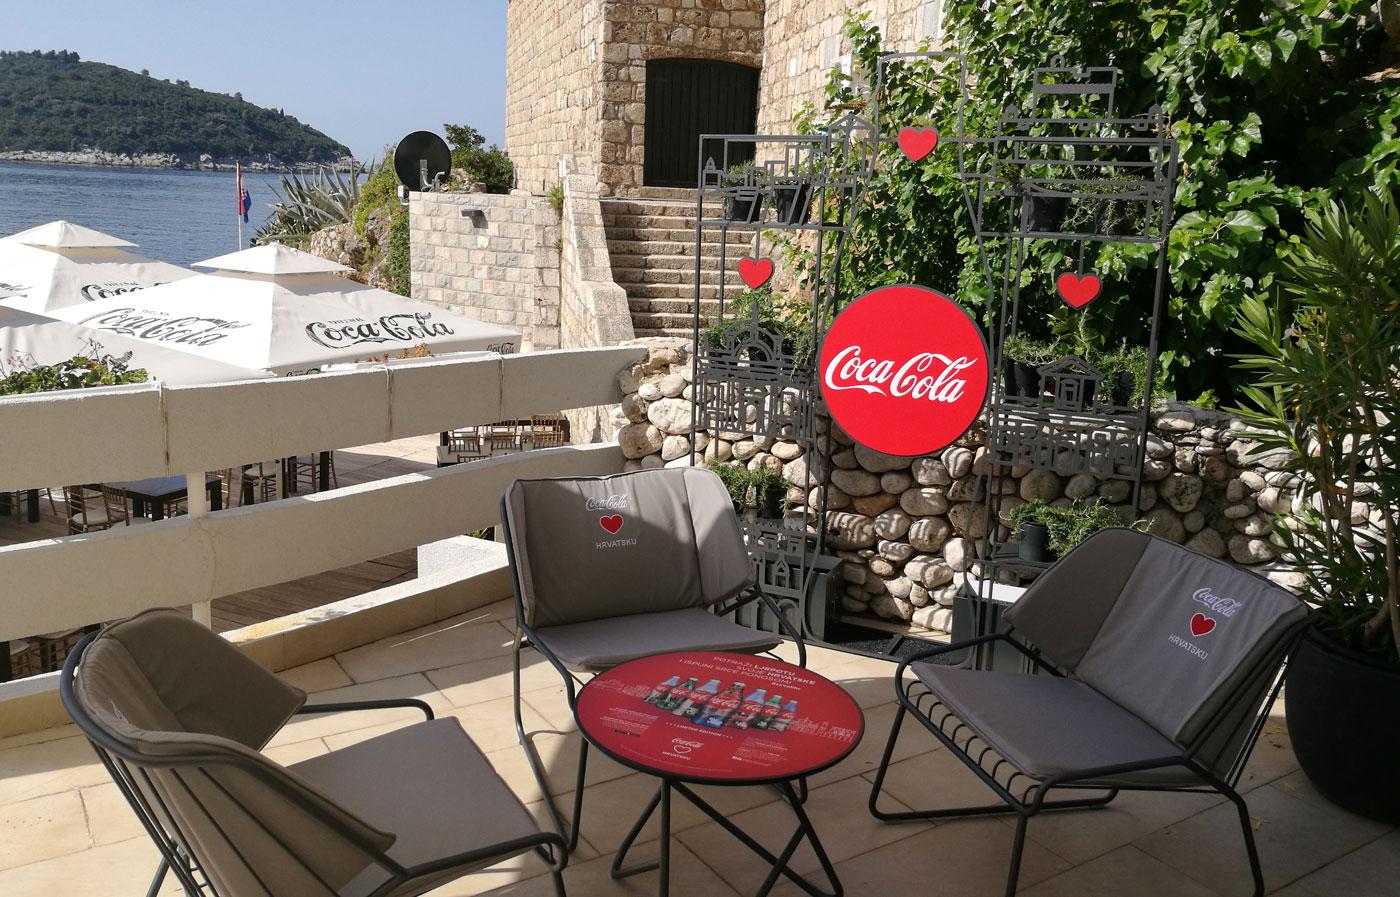 masavukmanovic.com - coca-cola voli hrvatsku 01